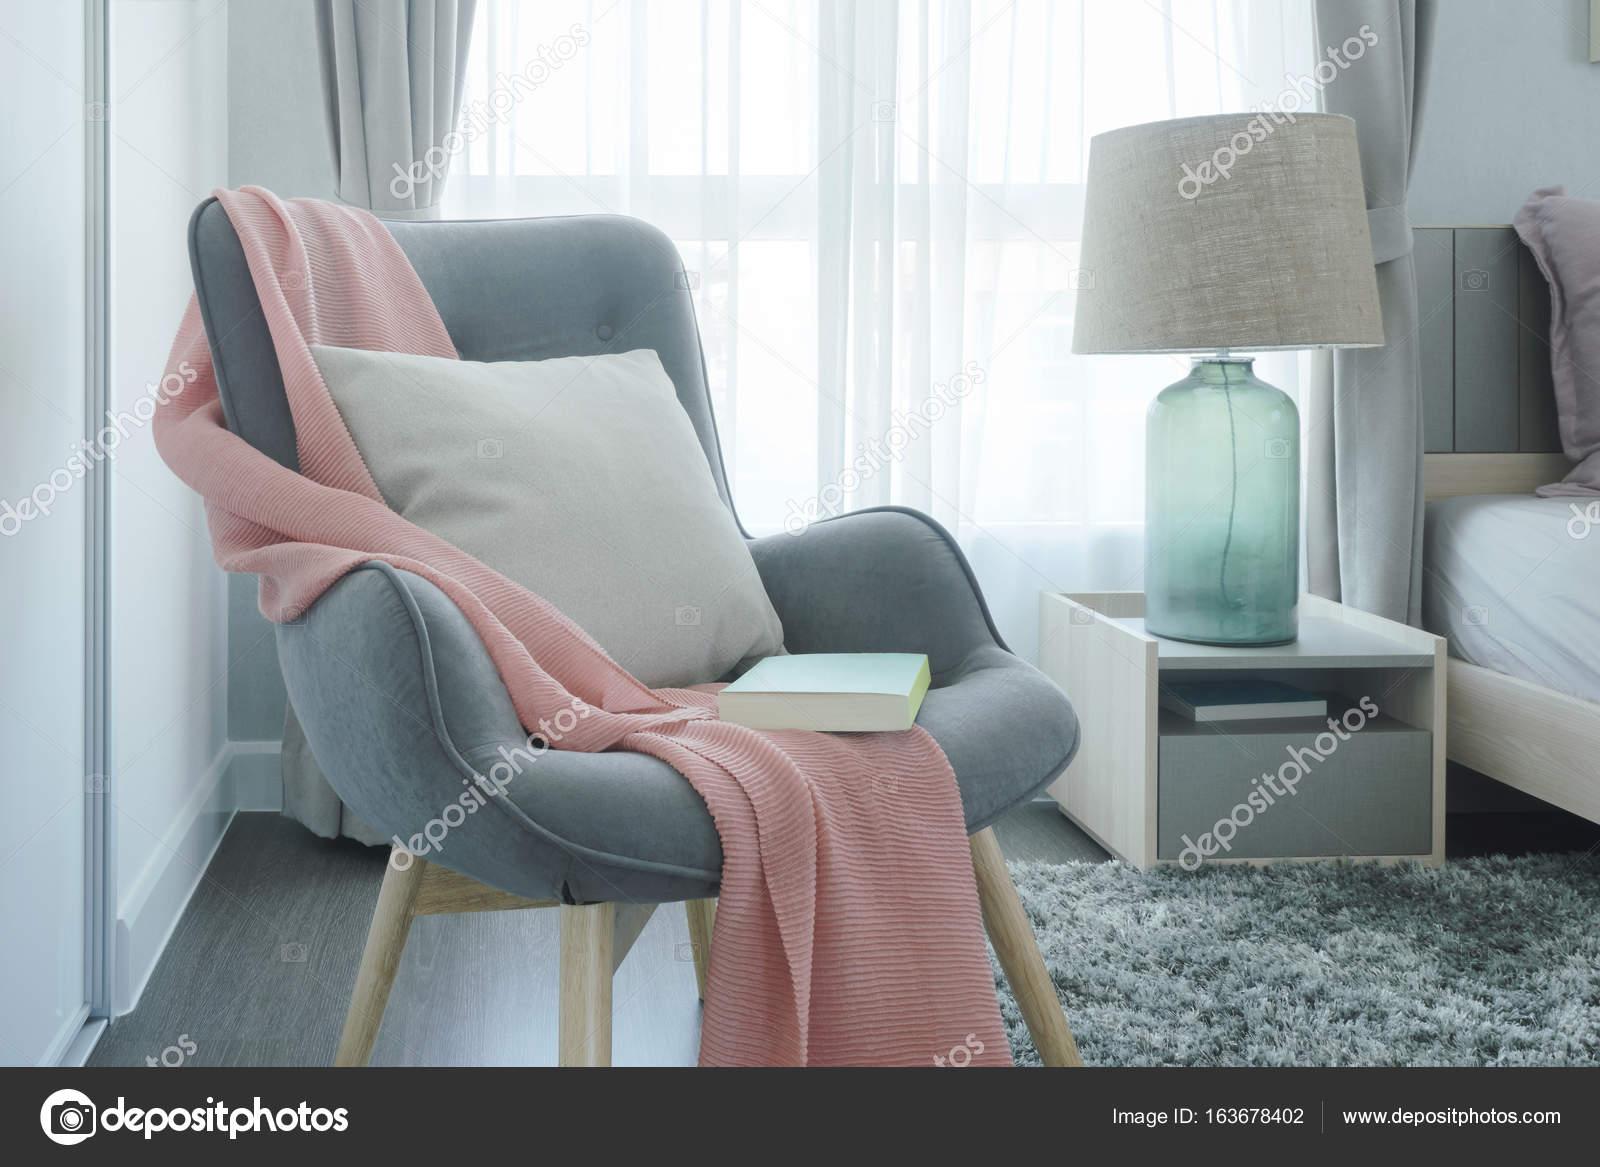 Slaapkamer Grijs Roze : Grijze gemakkelijk fauteuil met roze sjaal kussen en boek naast